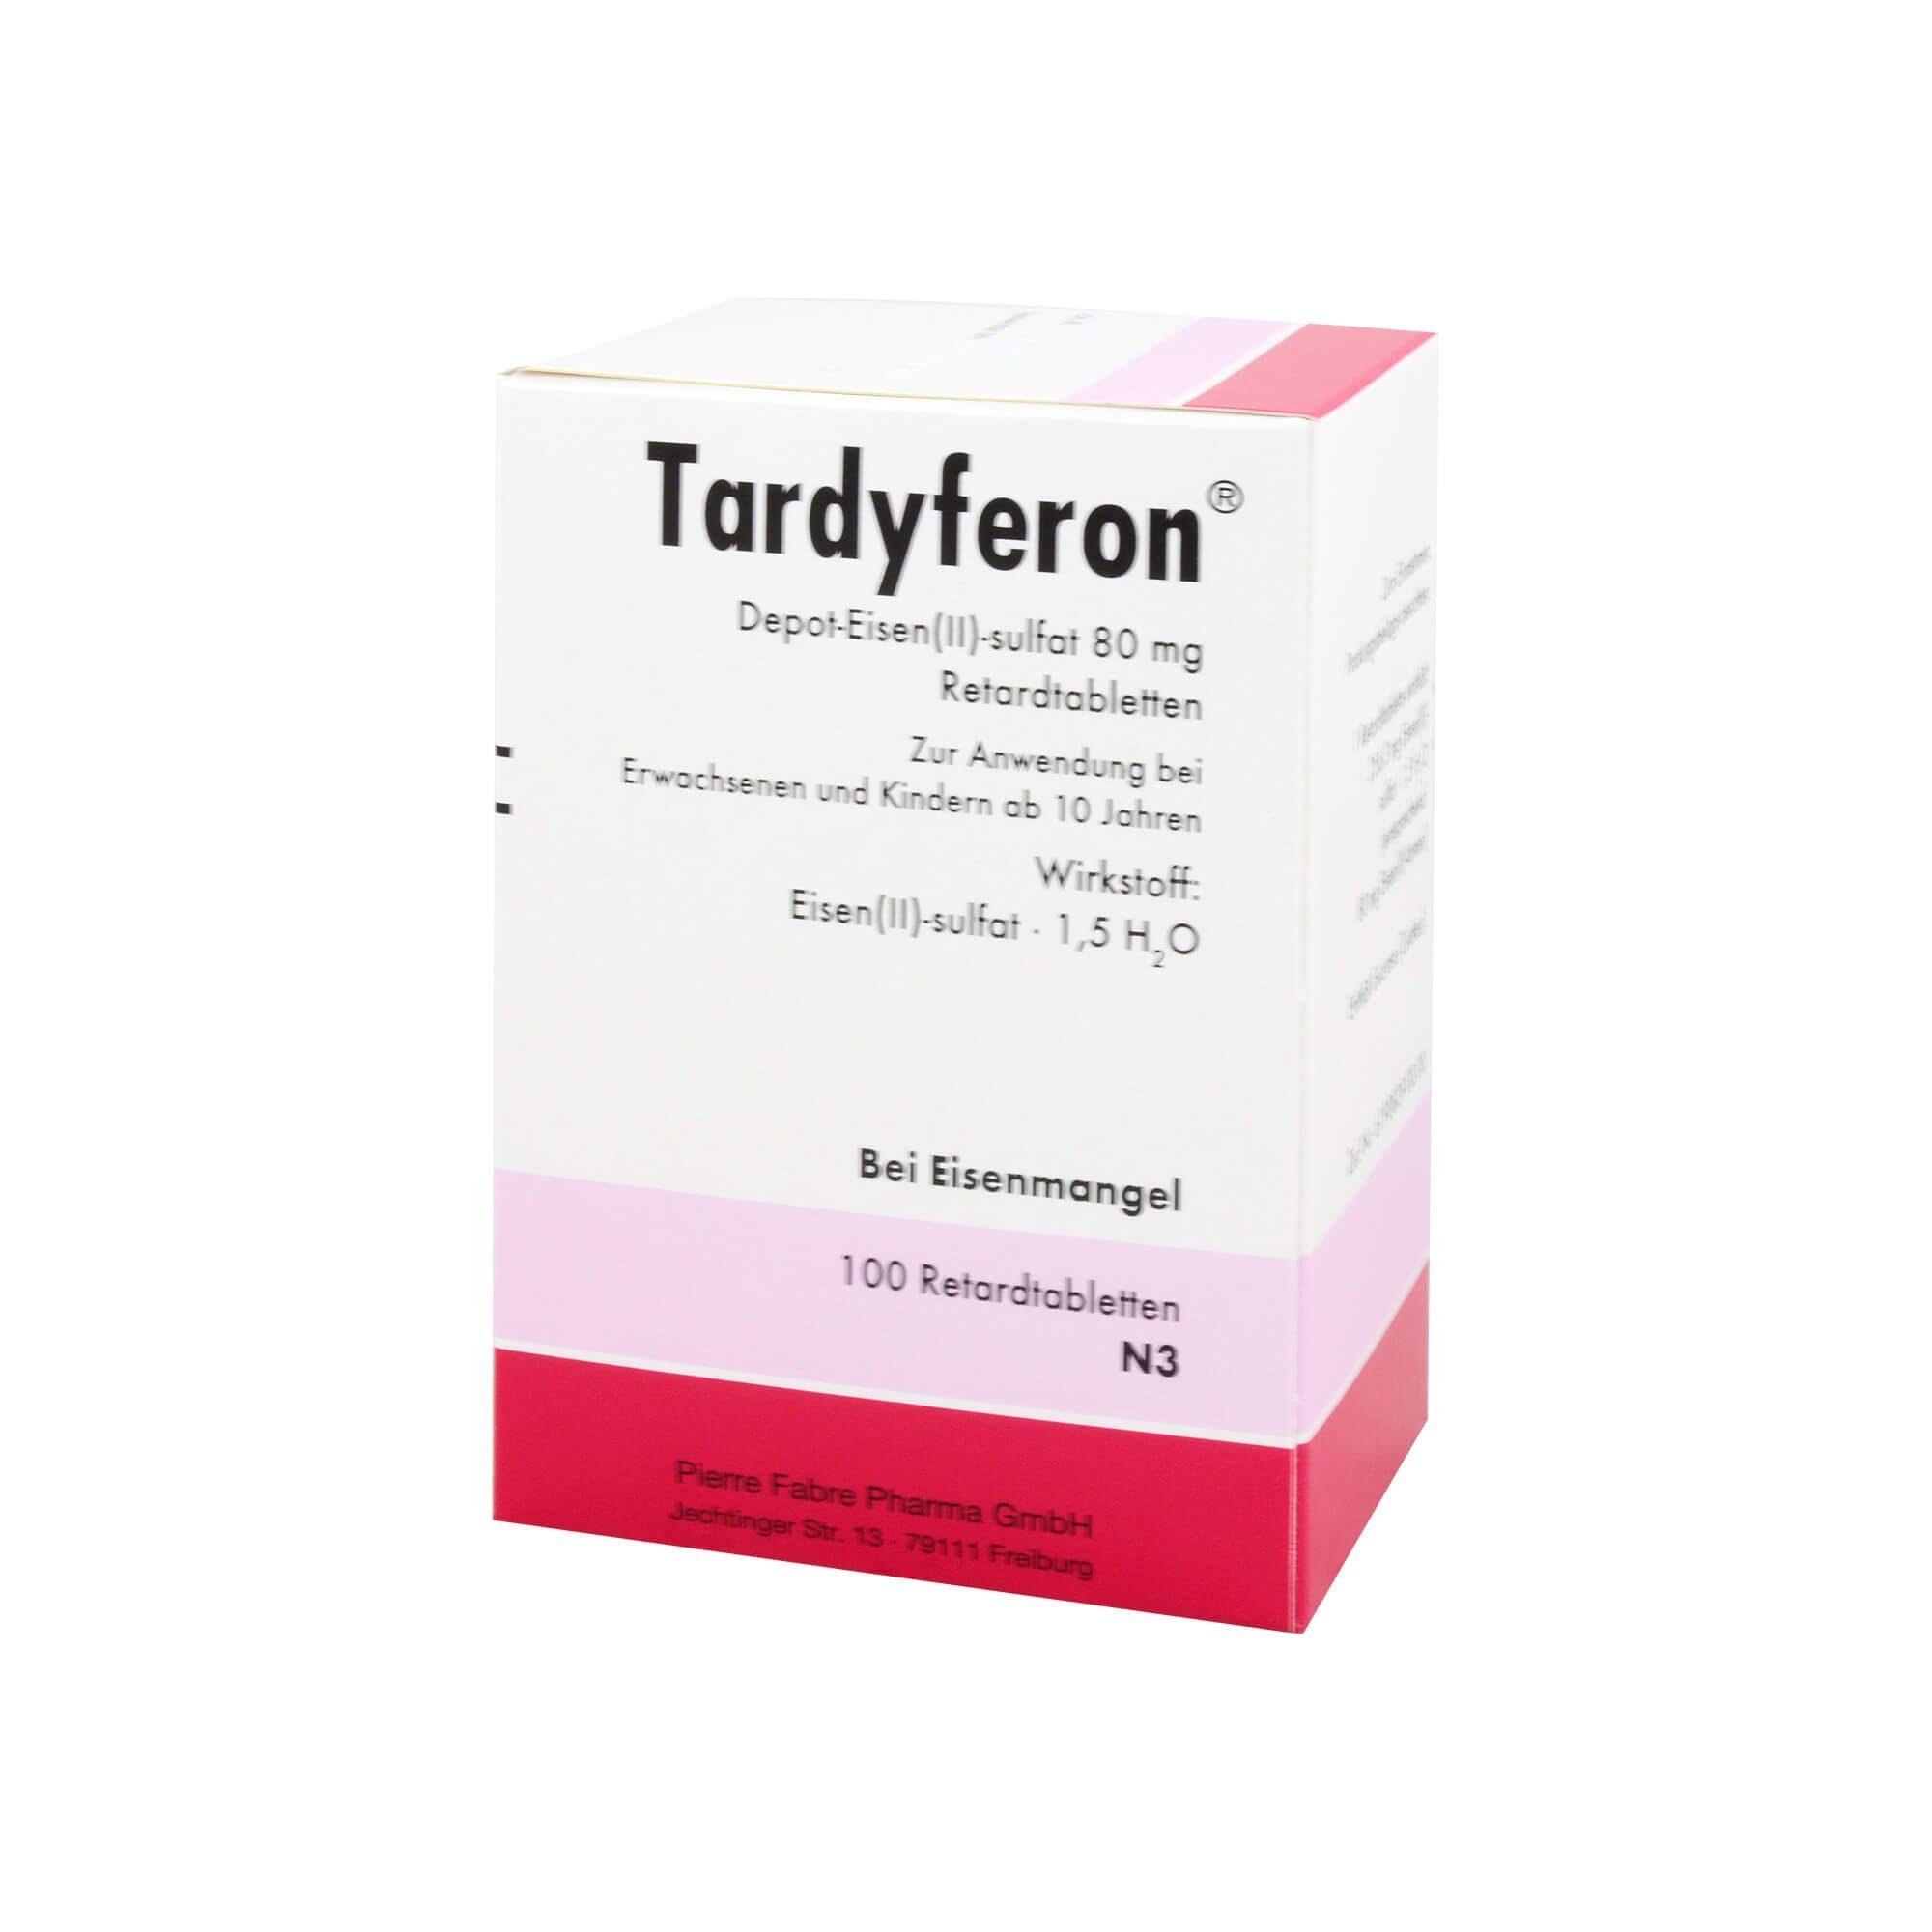 Tardyferon Retardtabletten, 100 St